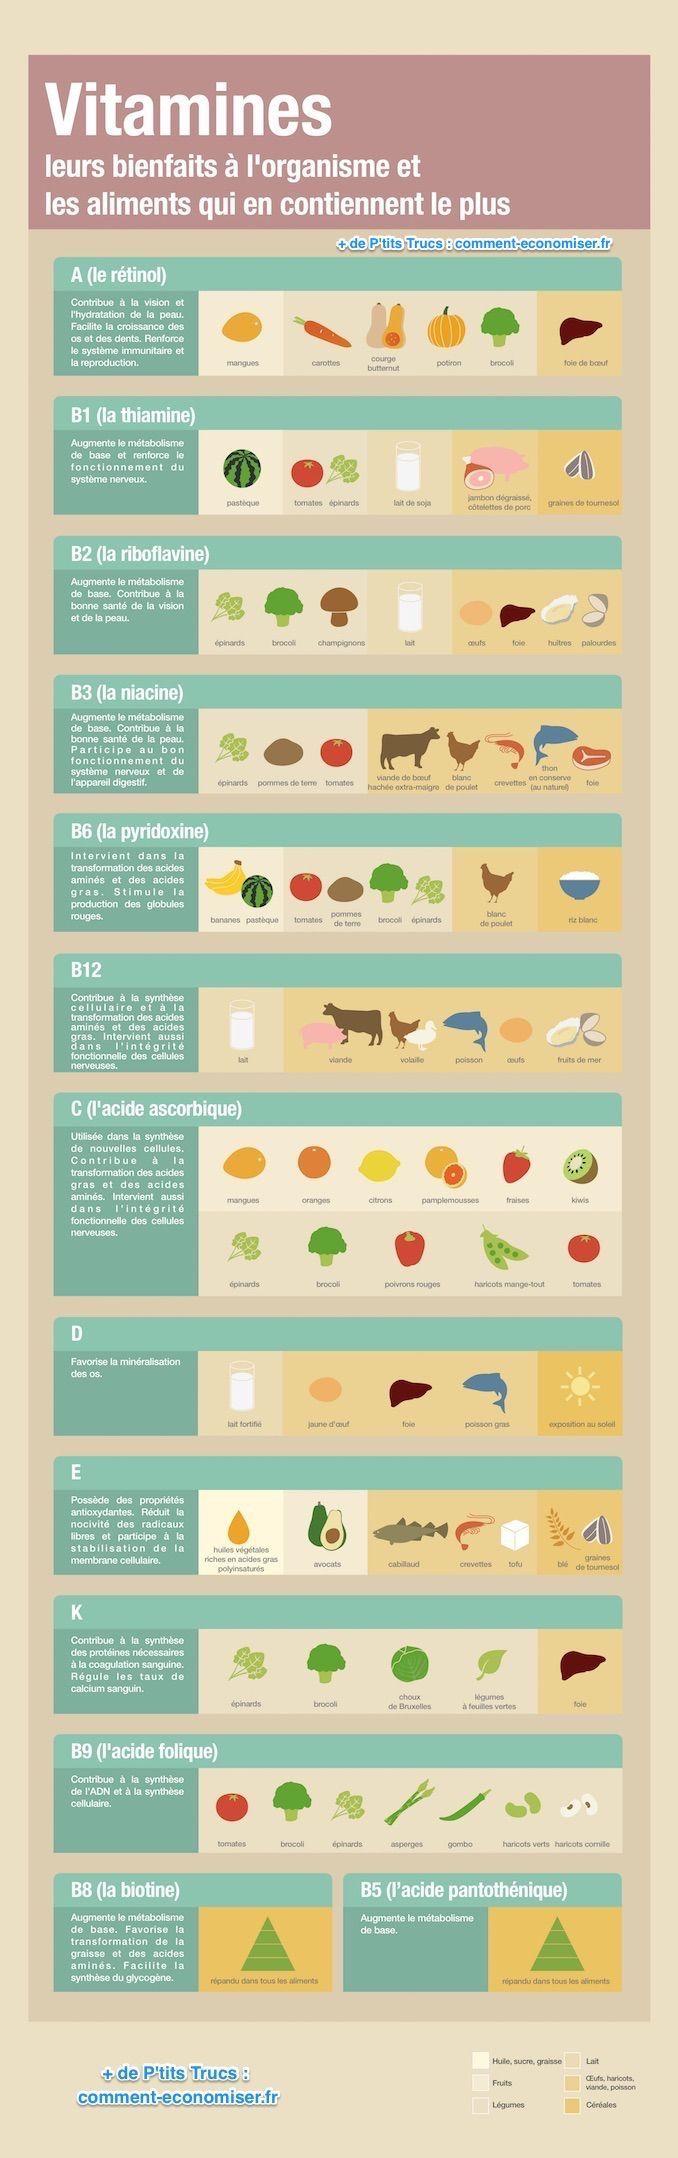 Guide des Vitamines : Quels Sont Leurs Bienfaits et les Aliments Qui En Ont Le Plus ?